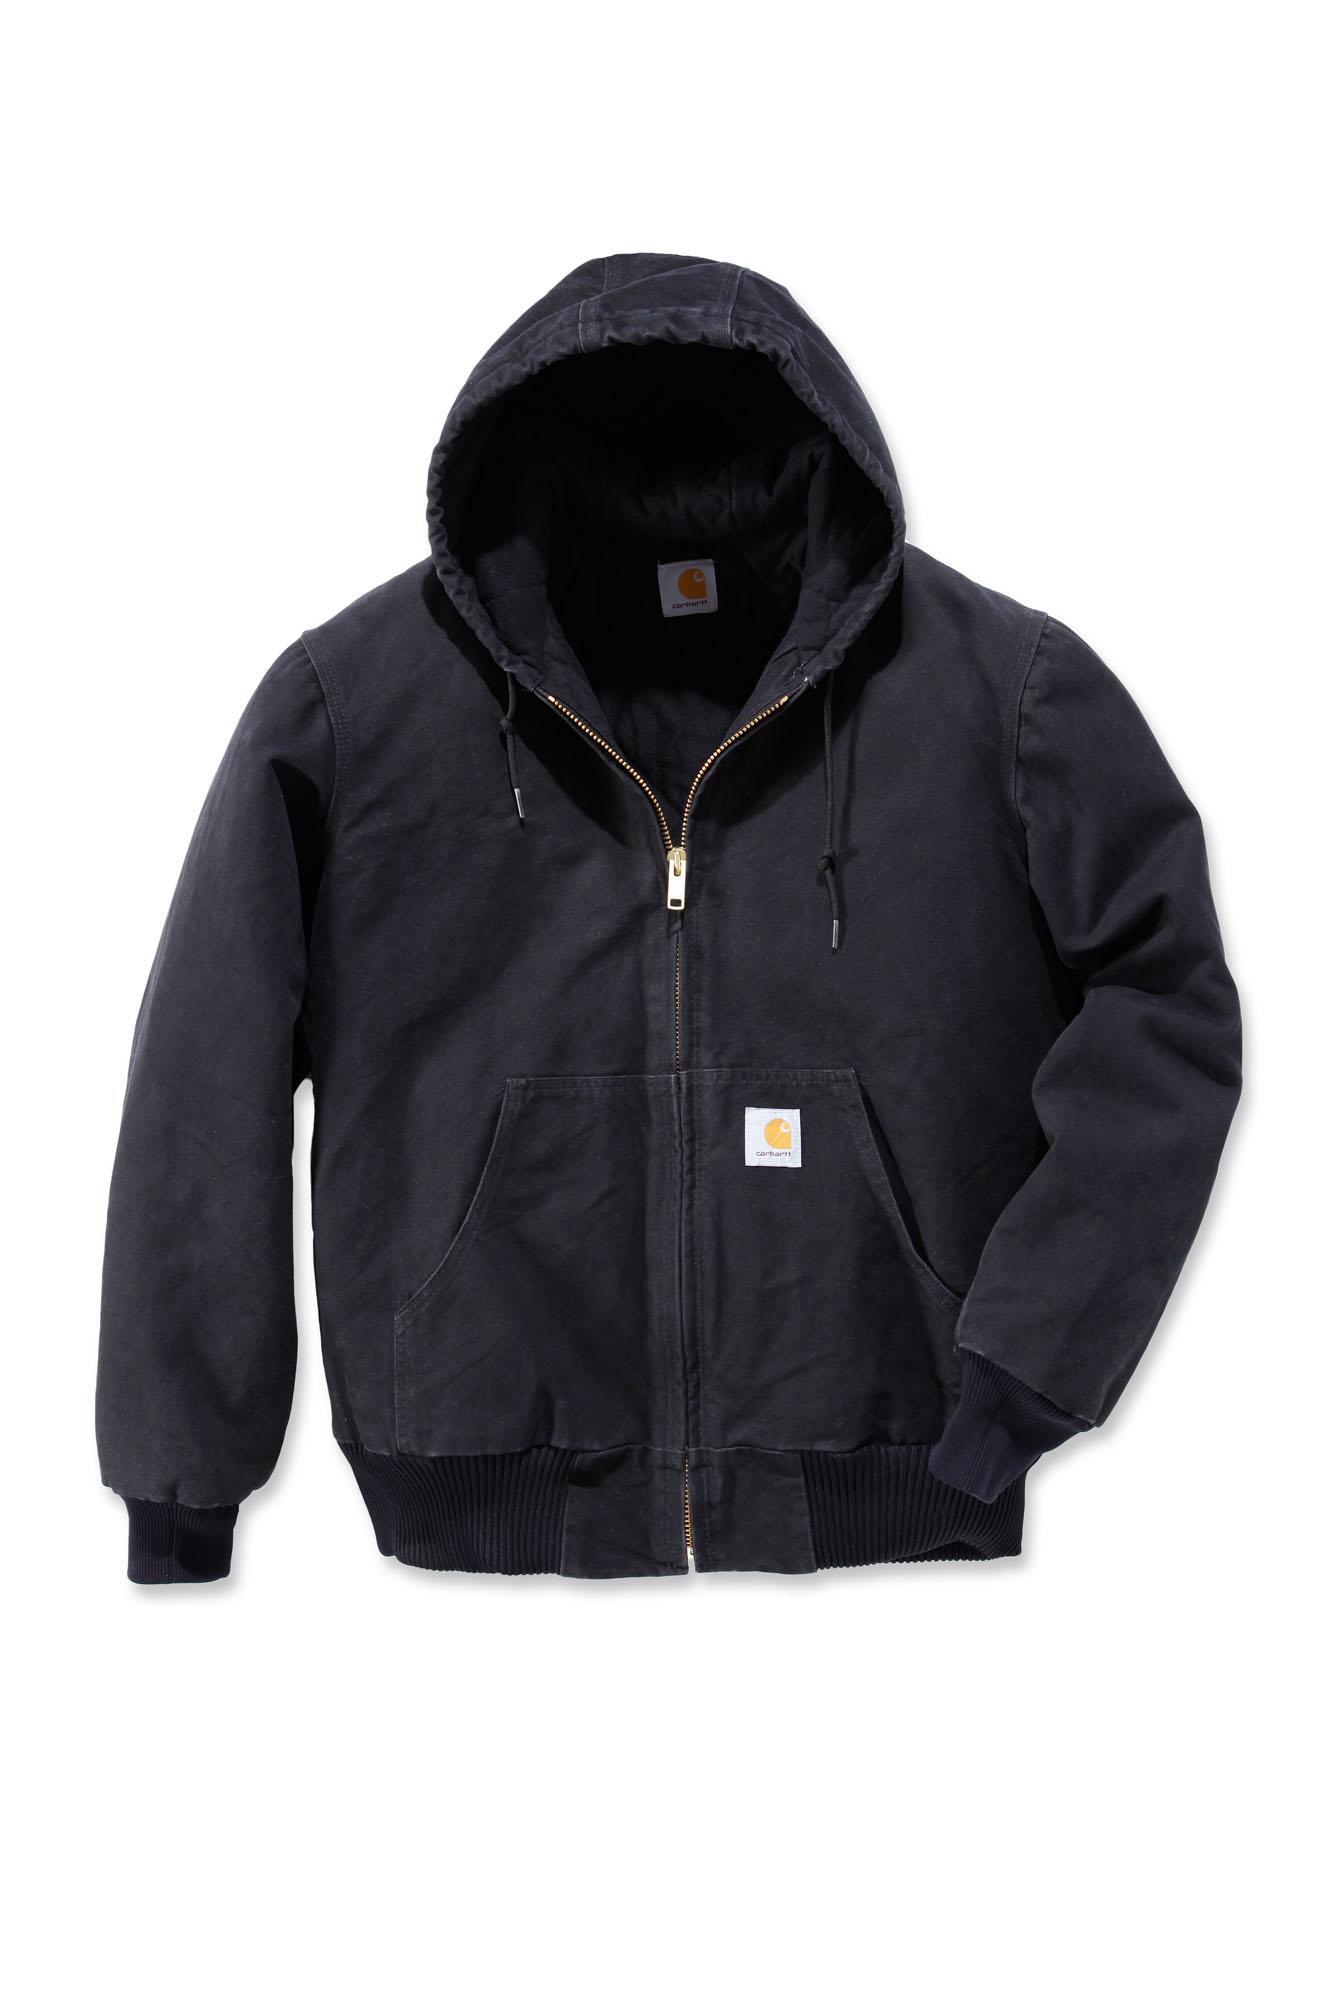 carhartt j130 sandstone active jacket mens new workwear coat ebay. Black Bedroom Furniture Sets. Home Design Ideas